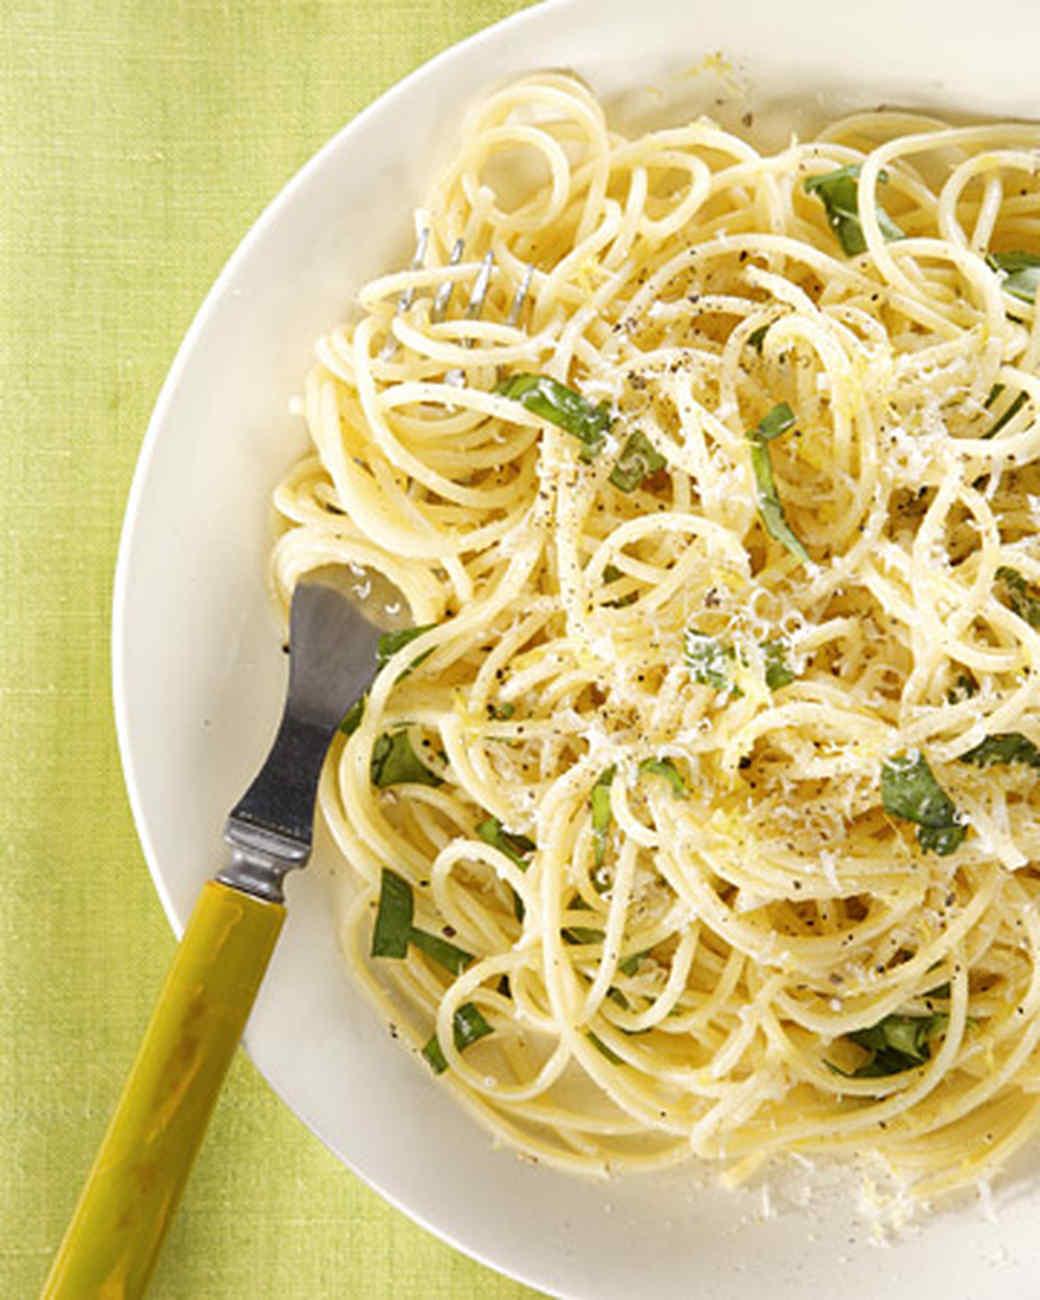 4097_021709_spaghetti.jpg